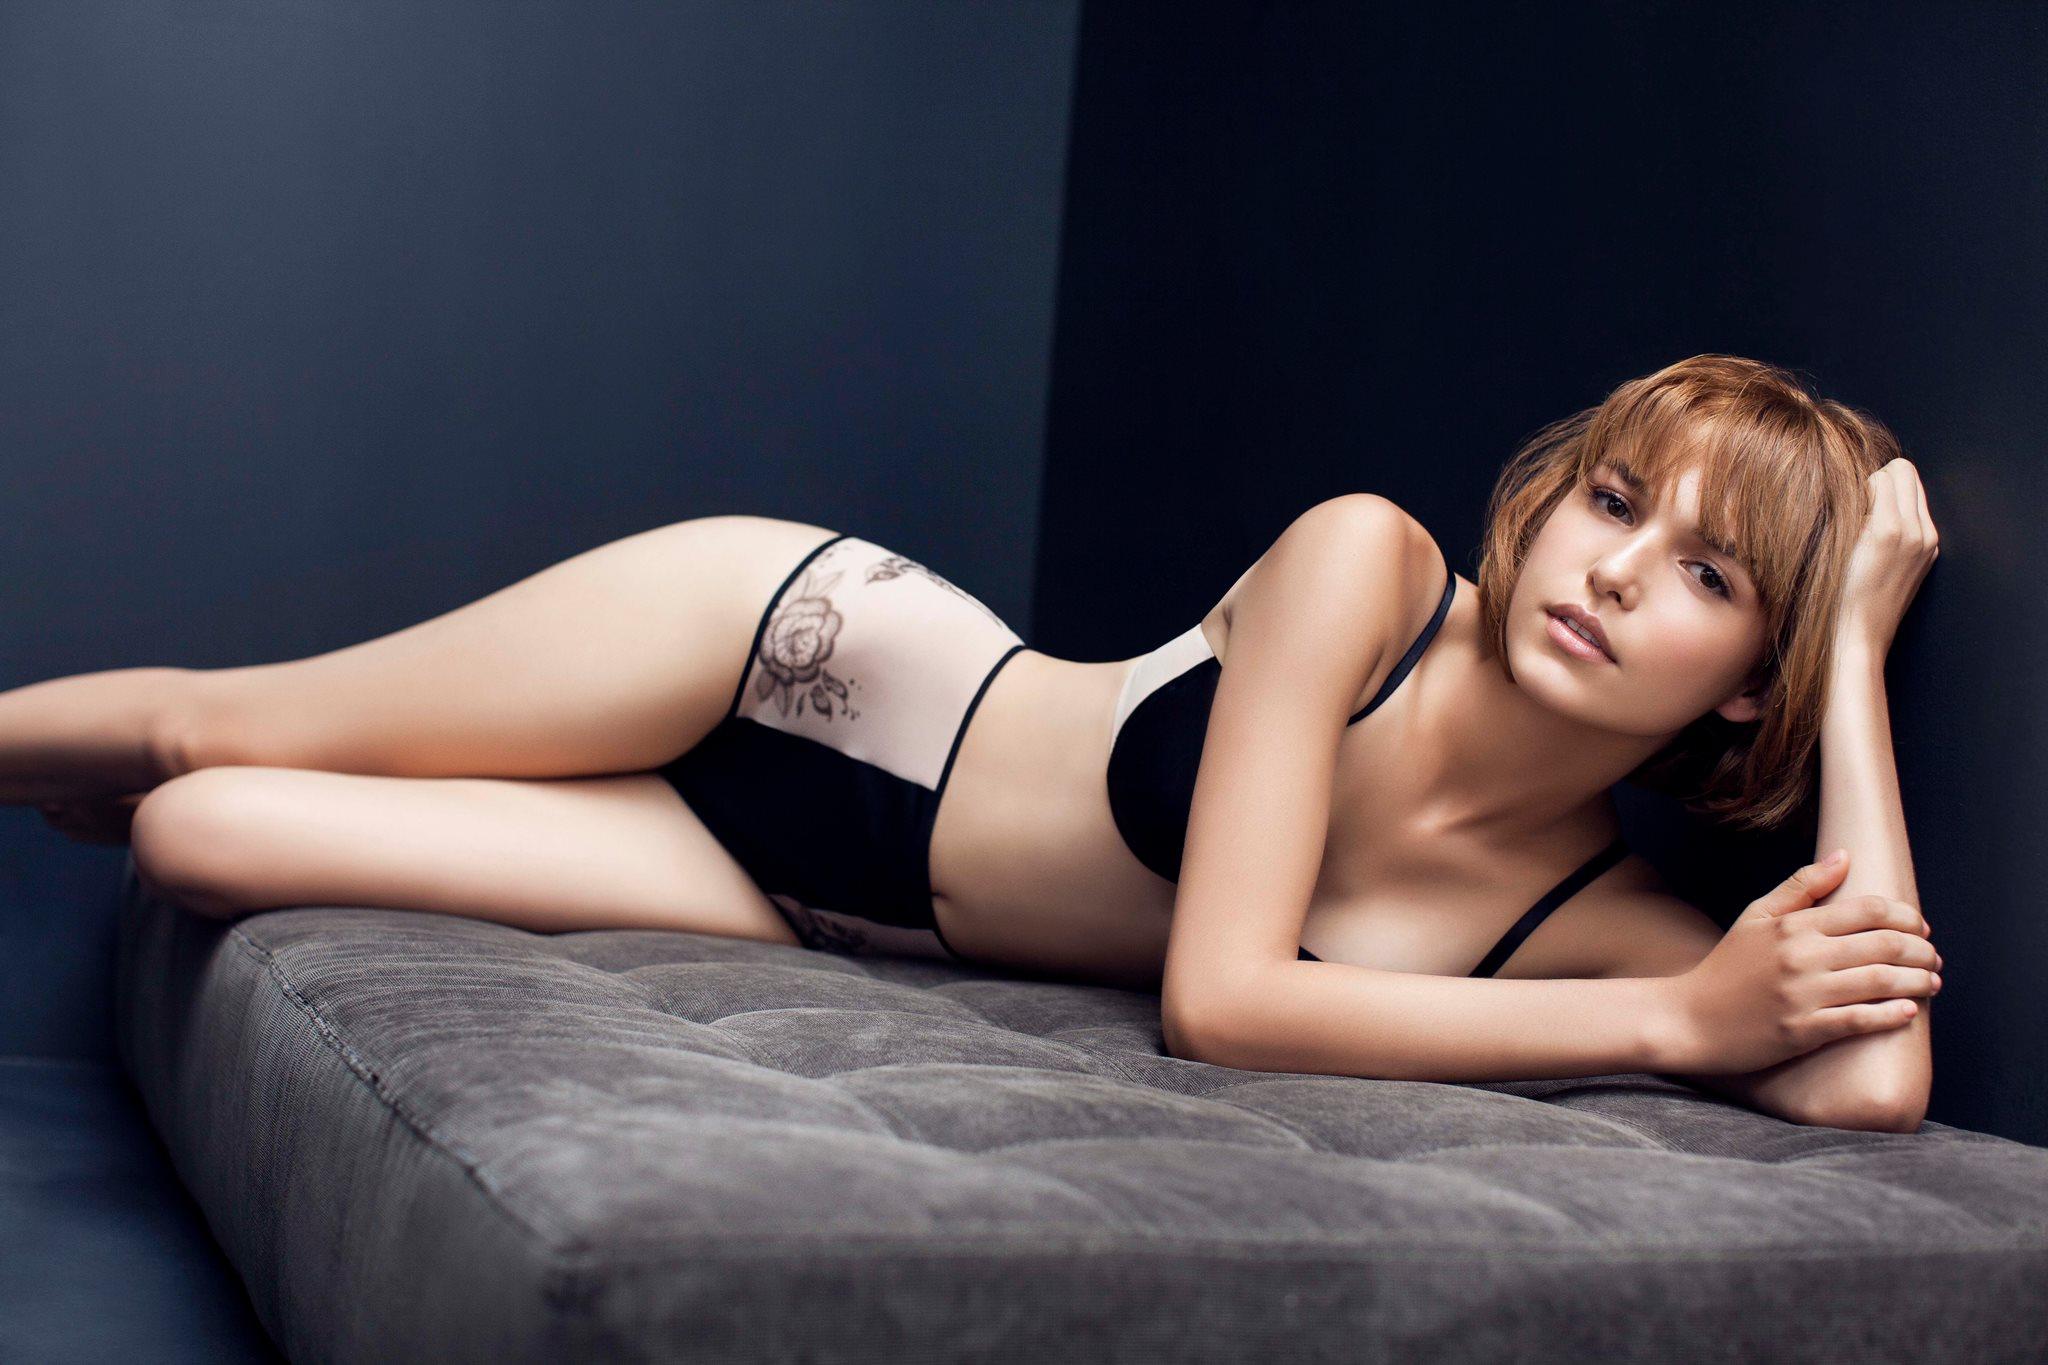 Naja lingerie women empowerment